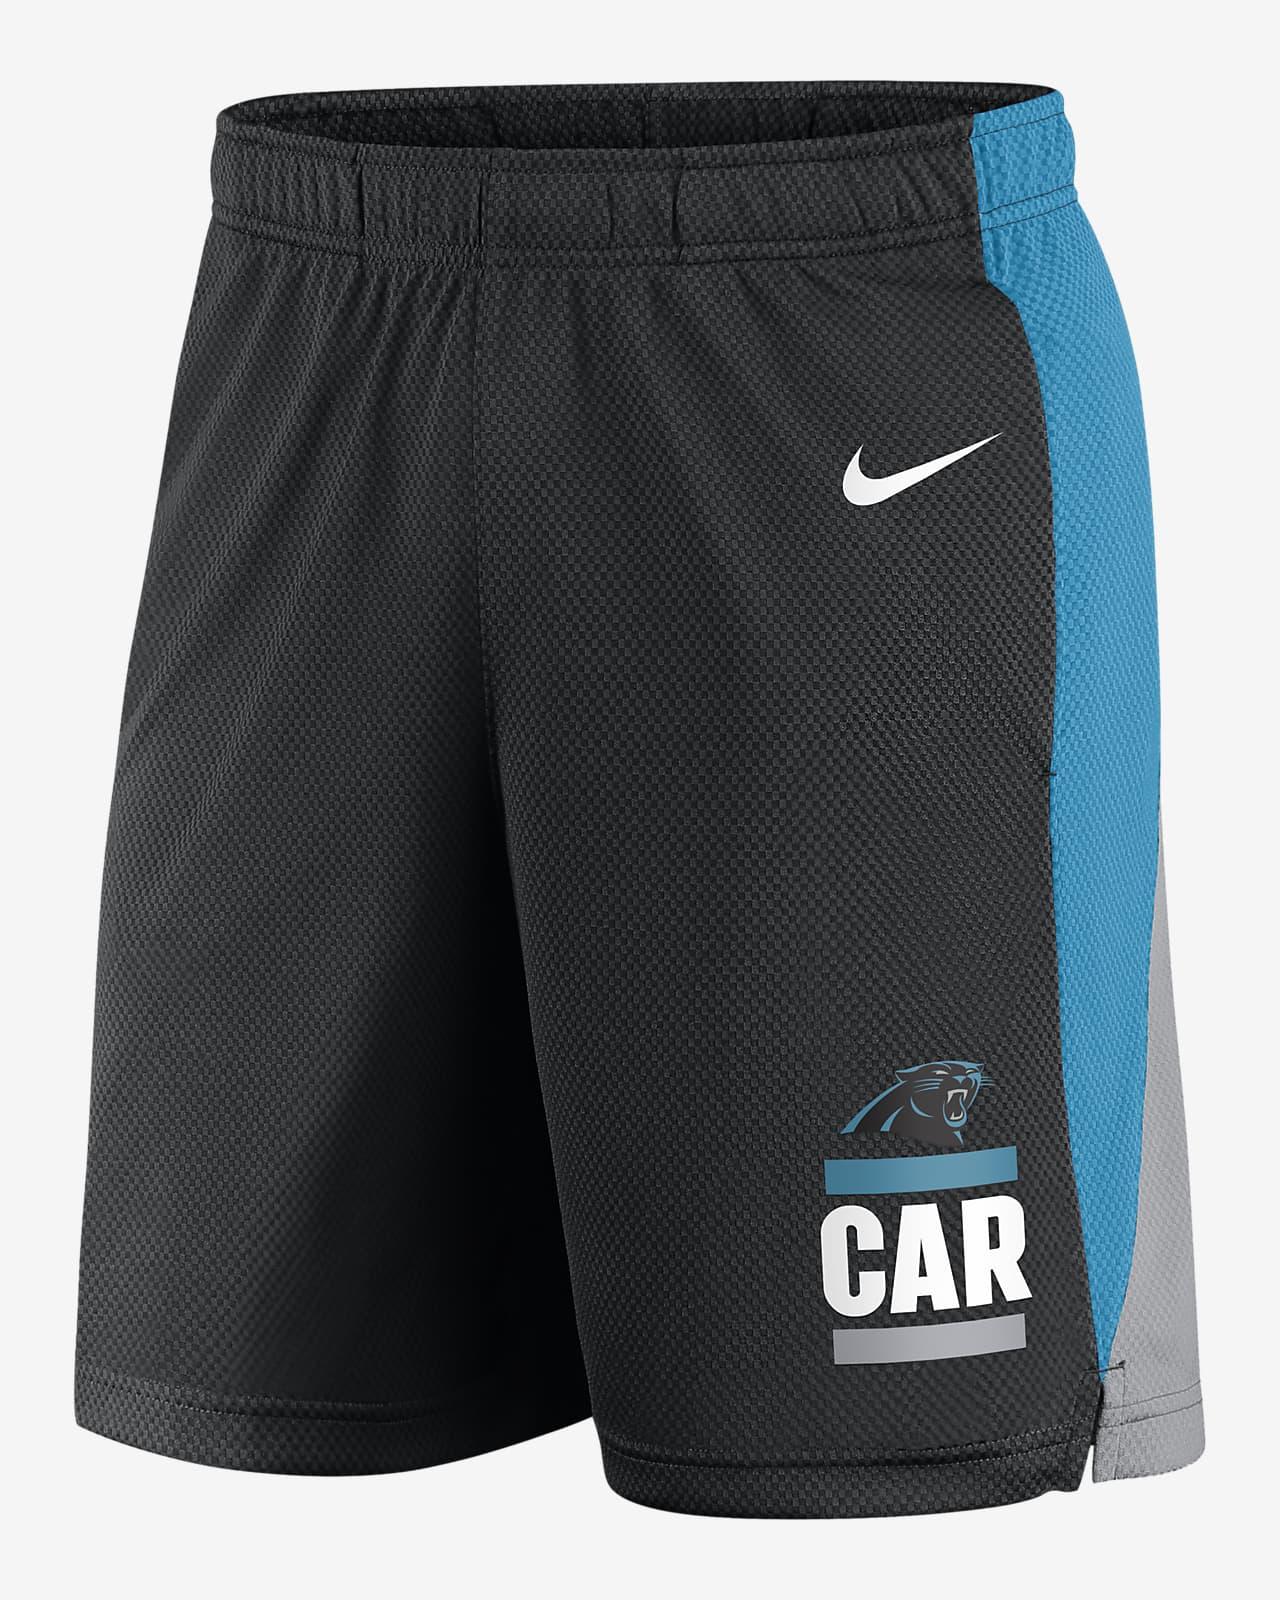 Nike Dri-FIT Broadcast (NFL Carolina Panthers) Men's Shorts